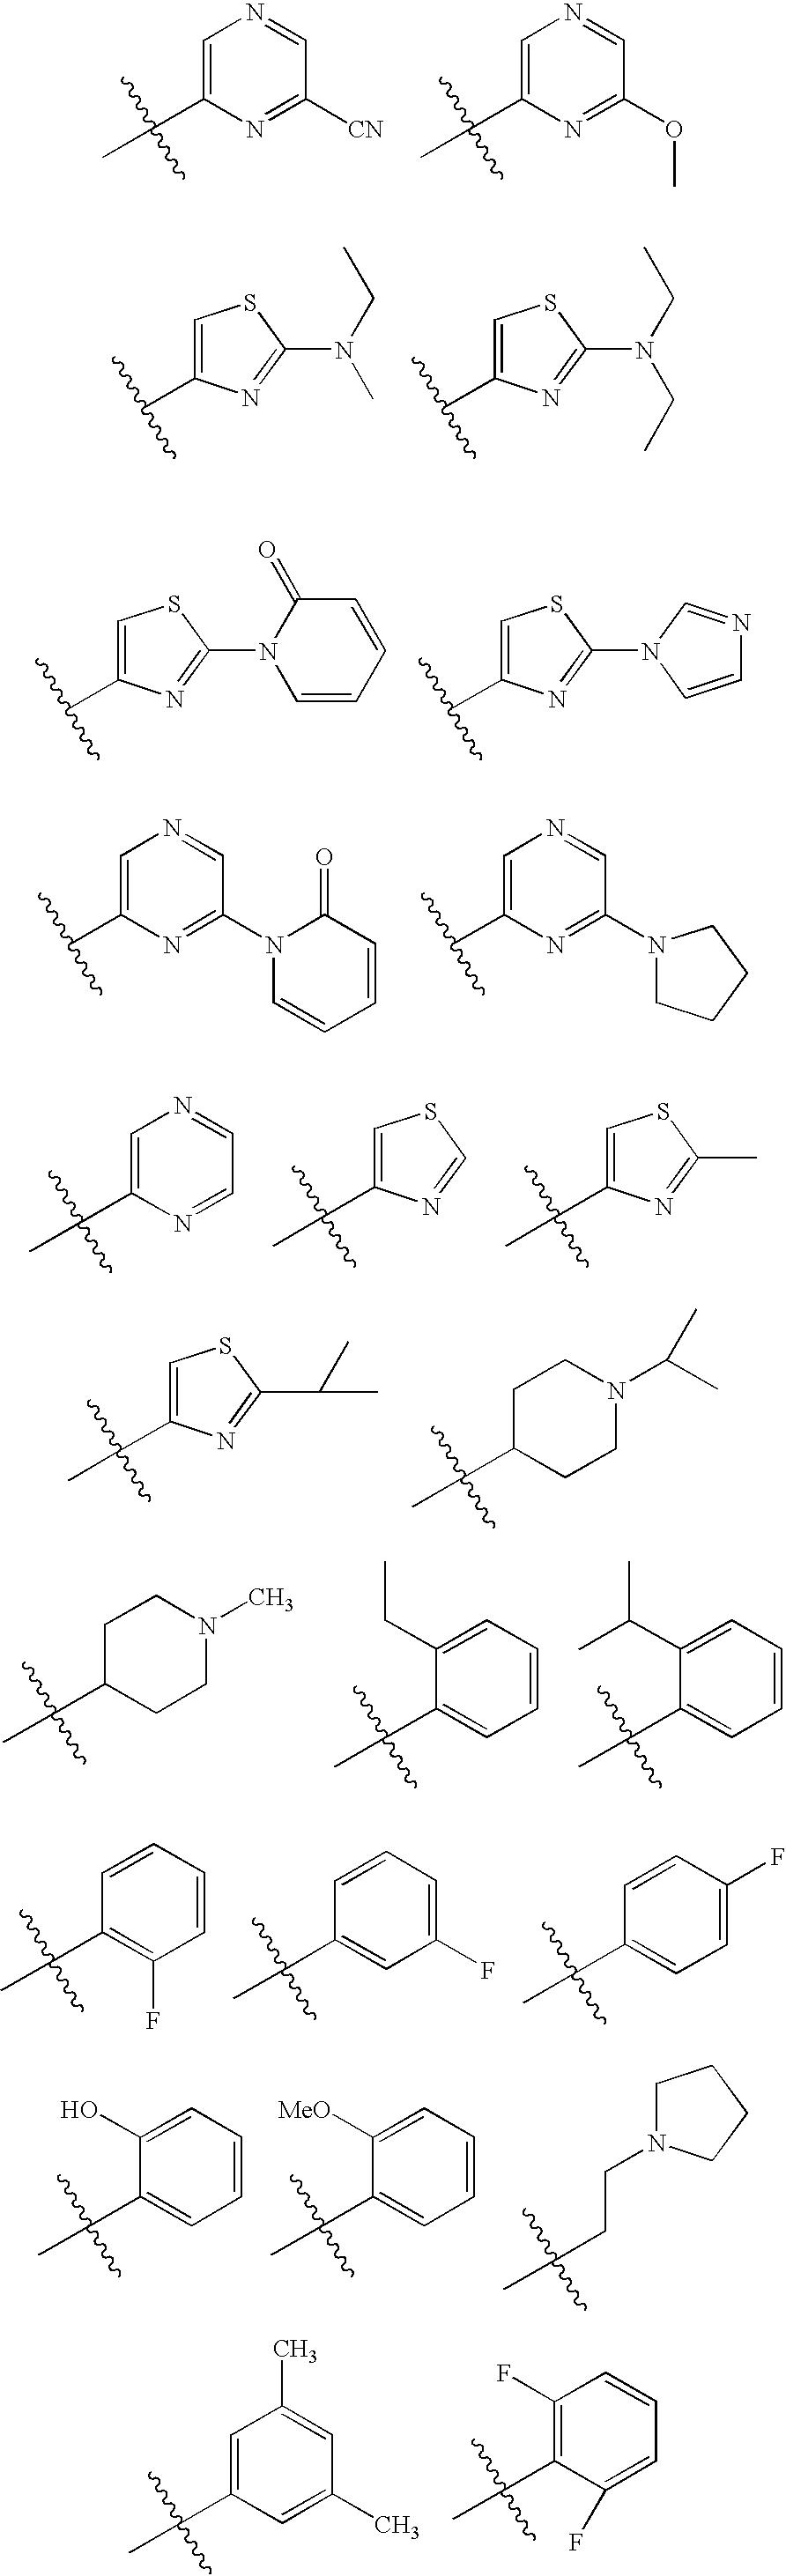 Figure US20090312319A1-20091217-C00025